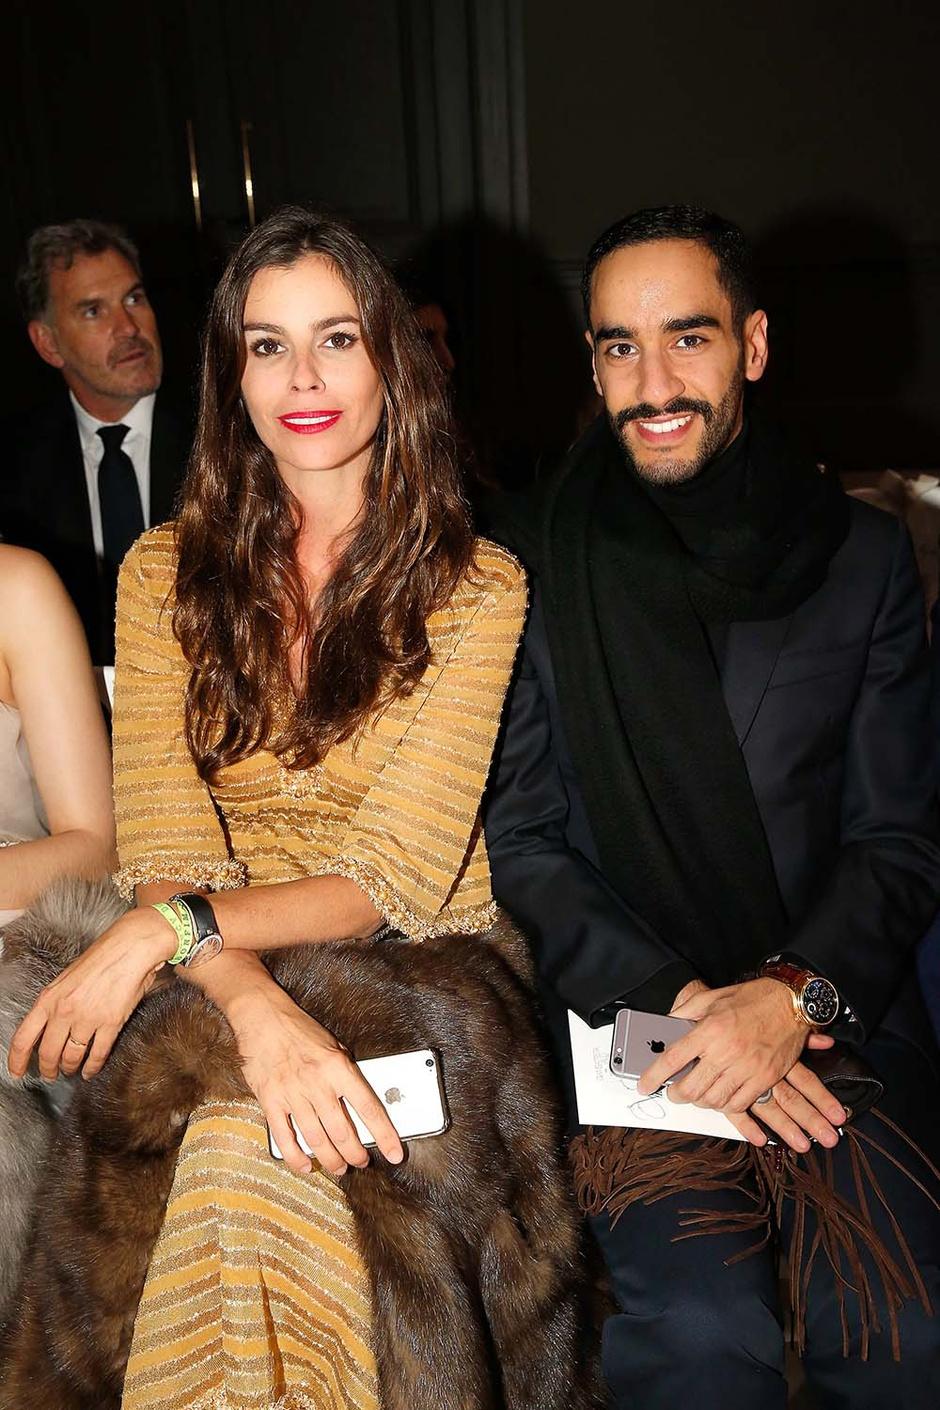 Кристина Питанги и Принц Абдулла Аль-Халифа